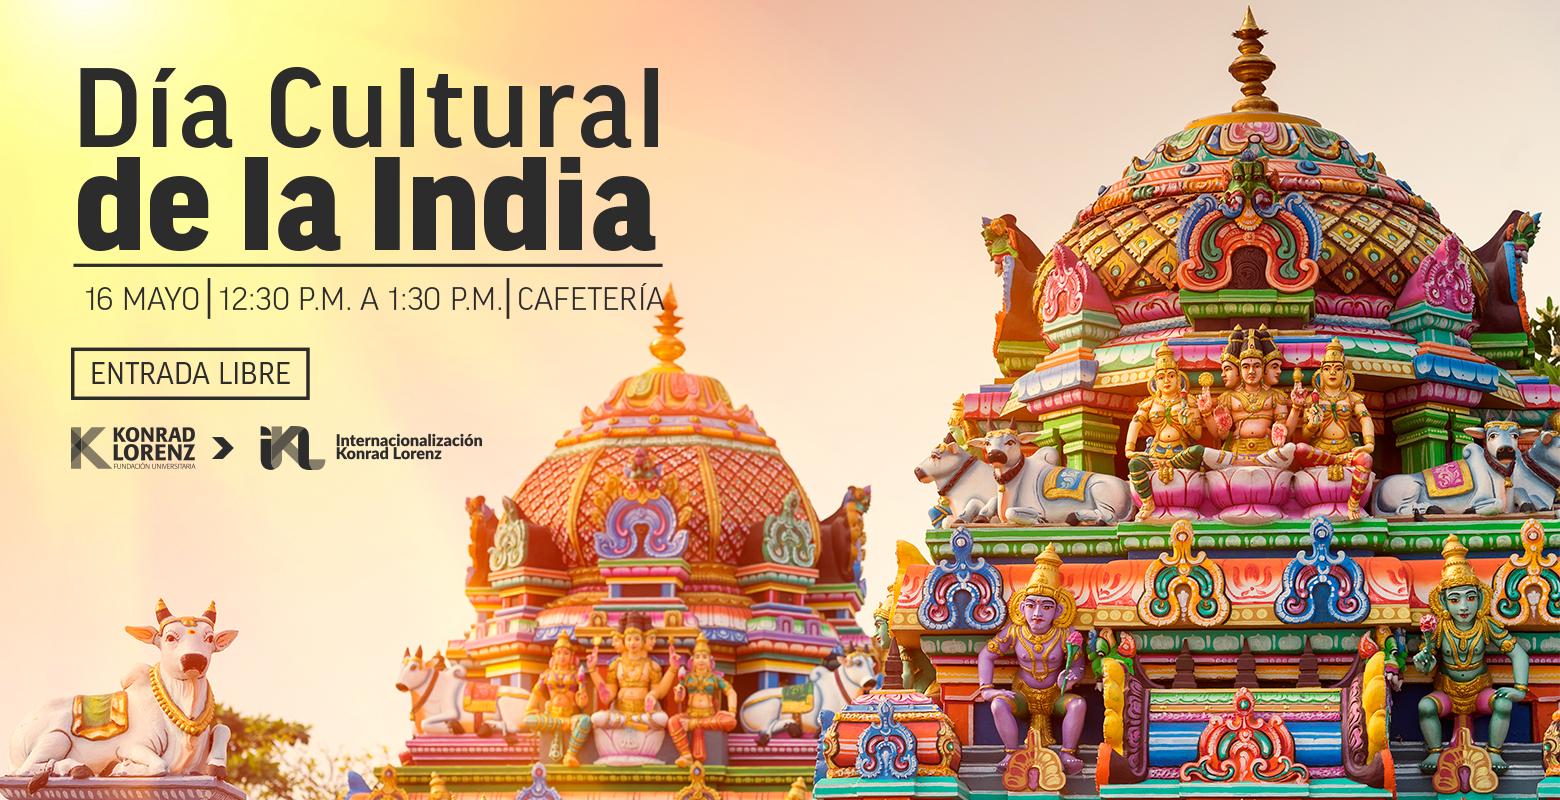 Día Cultural de la India: ¡La Konrad se viste de fiesta!